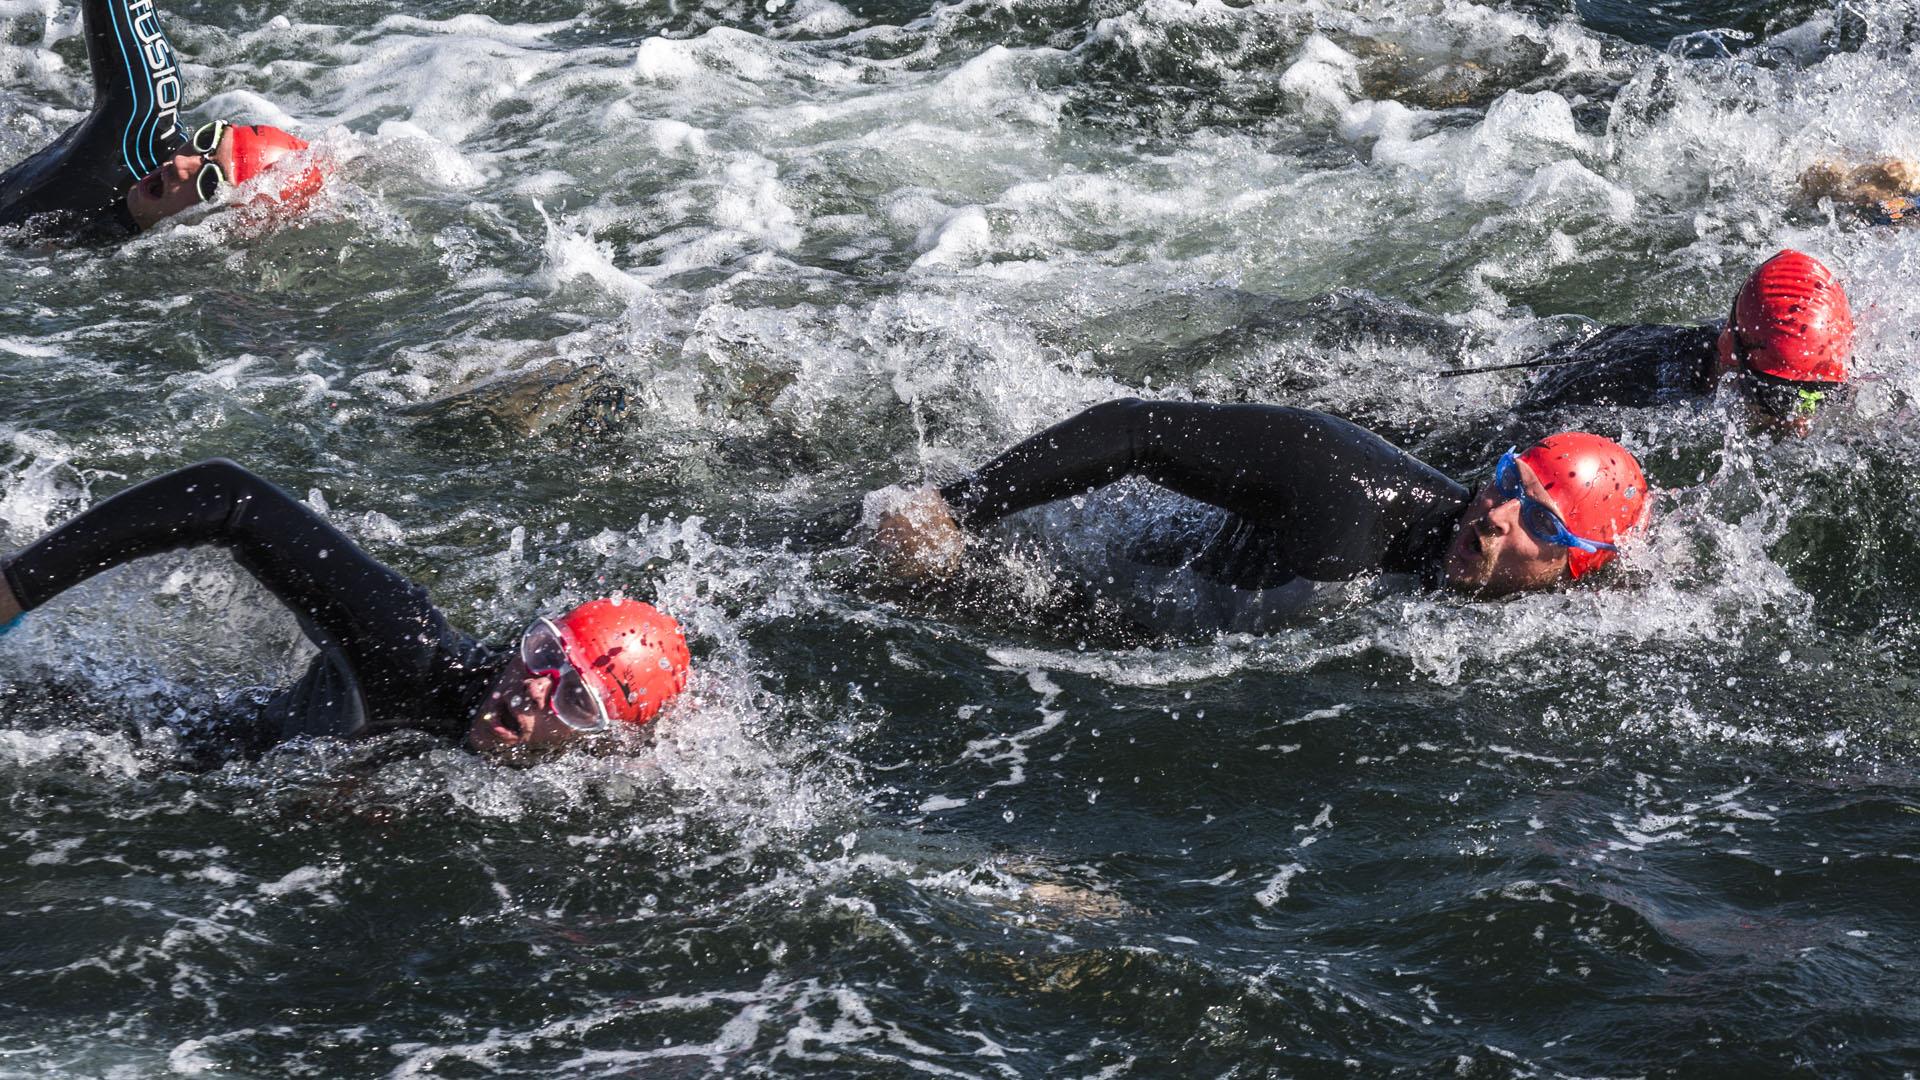 Open water svømning - AFLYST - vi henviser til FYLLA OPEN WATER om fredagen